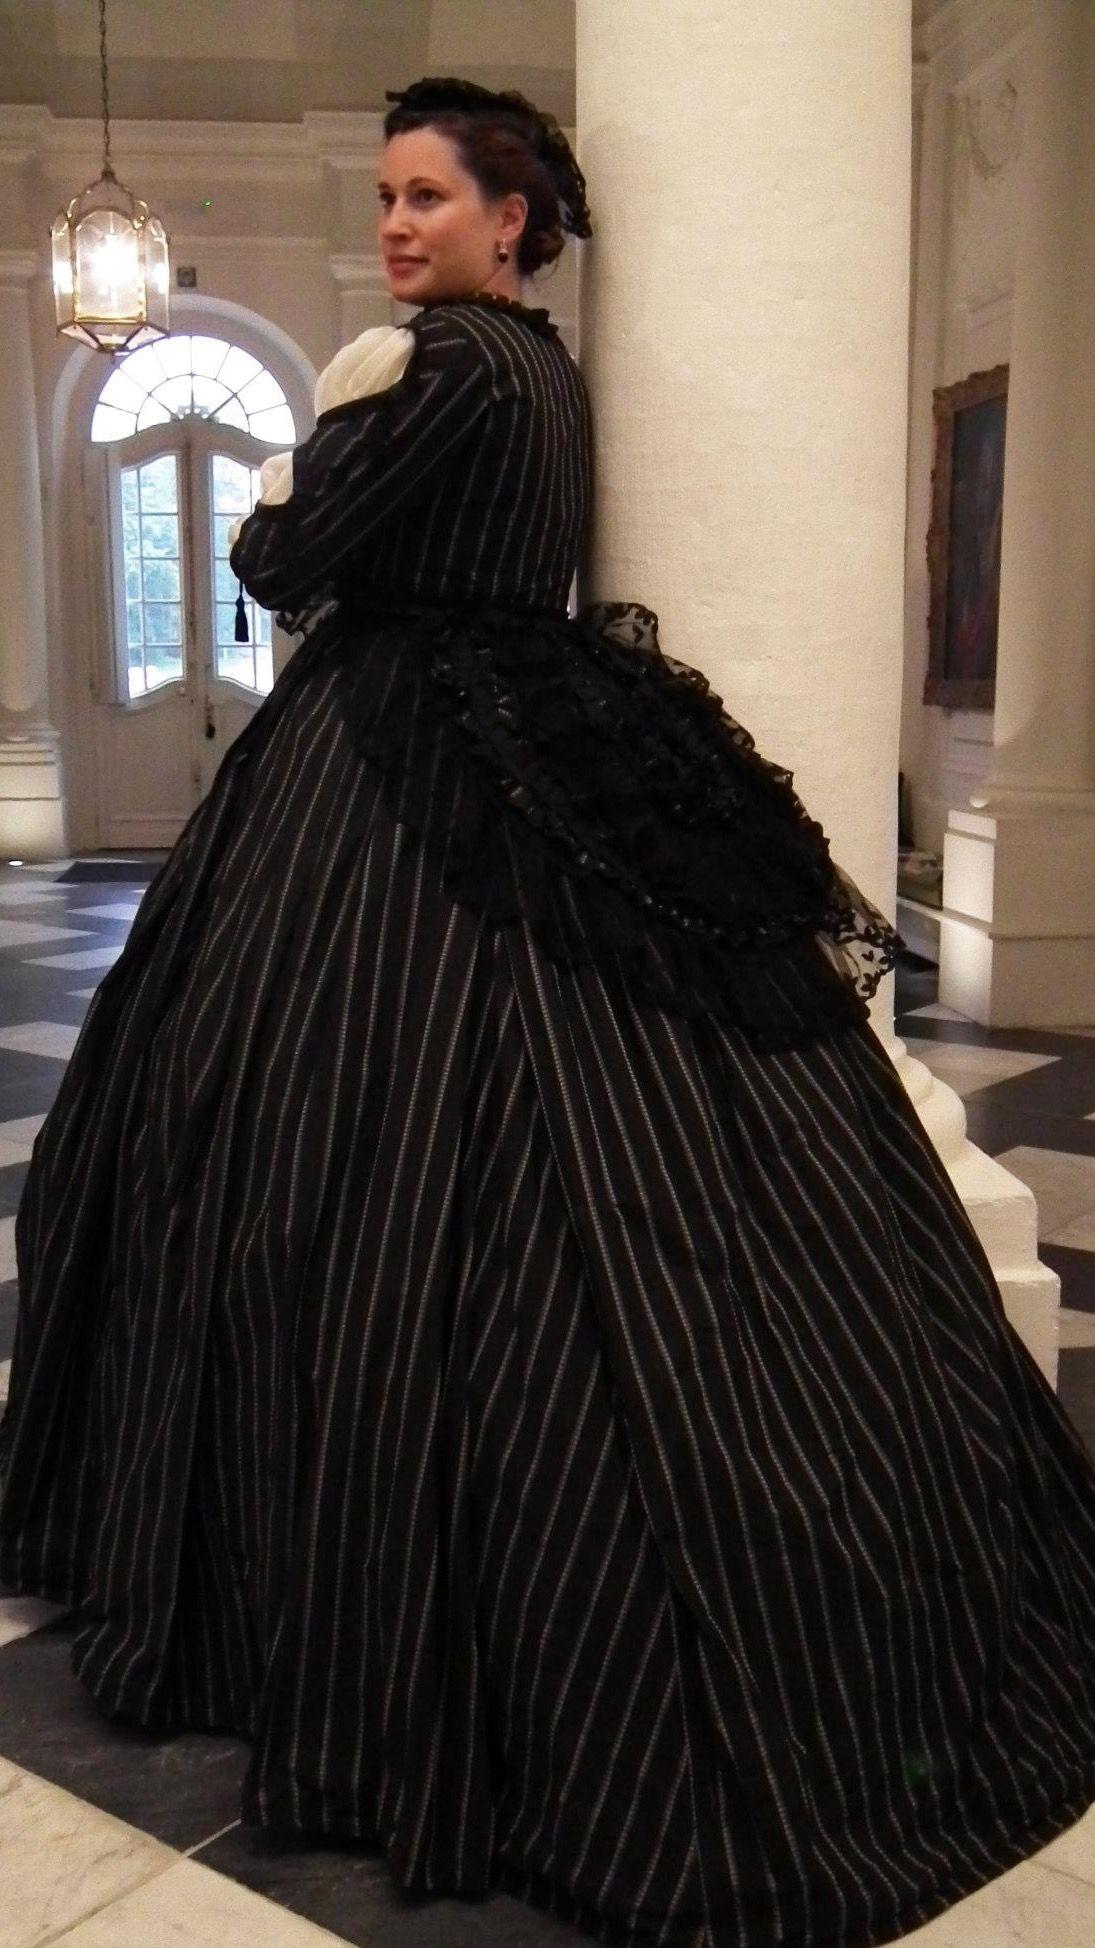 Pin von Jennifer May Schneider auf Civil War Era | Pinterest ...